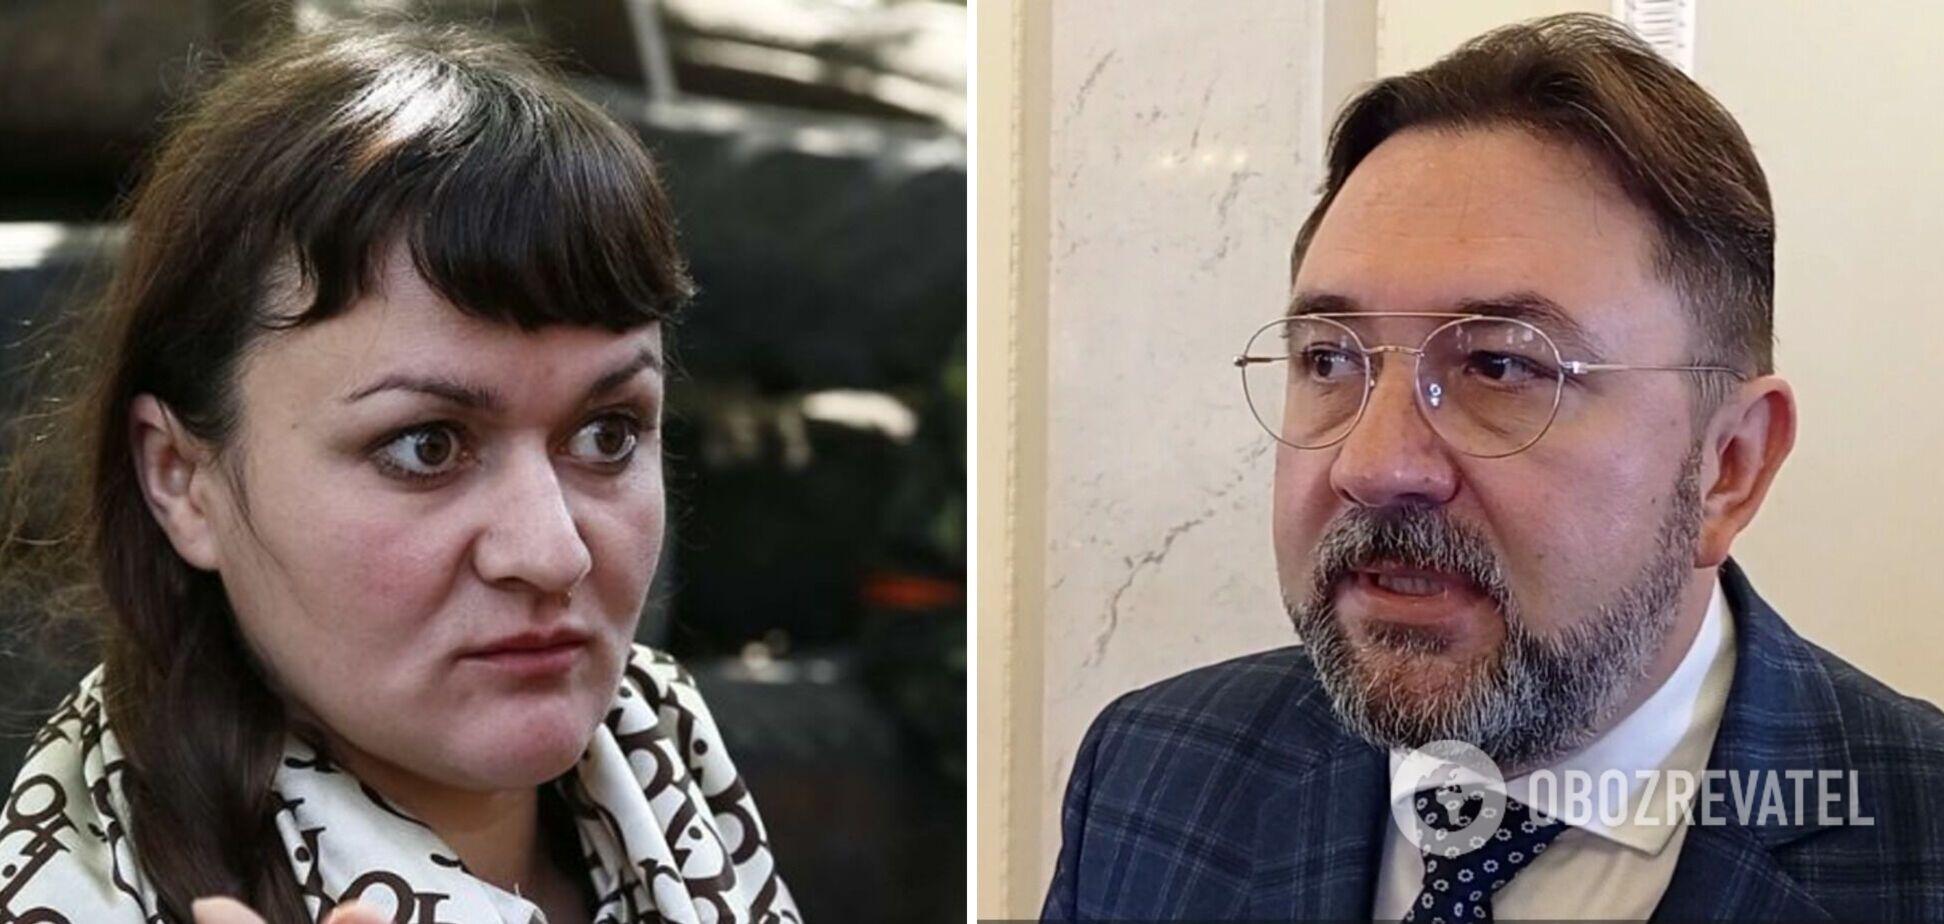 Скандальная Ирма Крат в кулуарах Рады избила Никиту Потураева. Видео инцидента